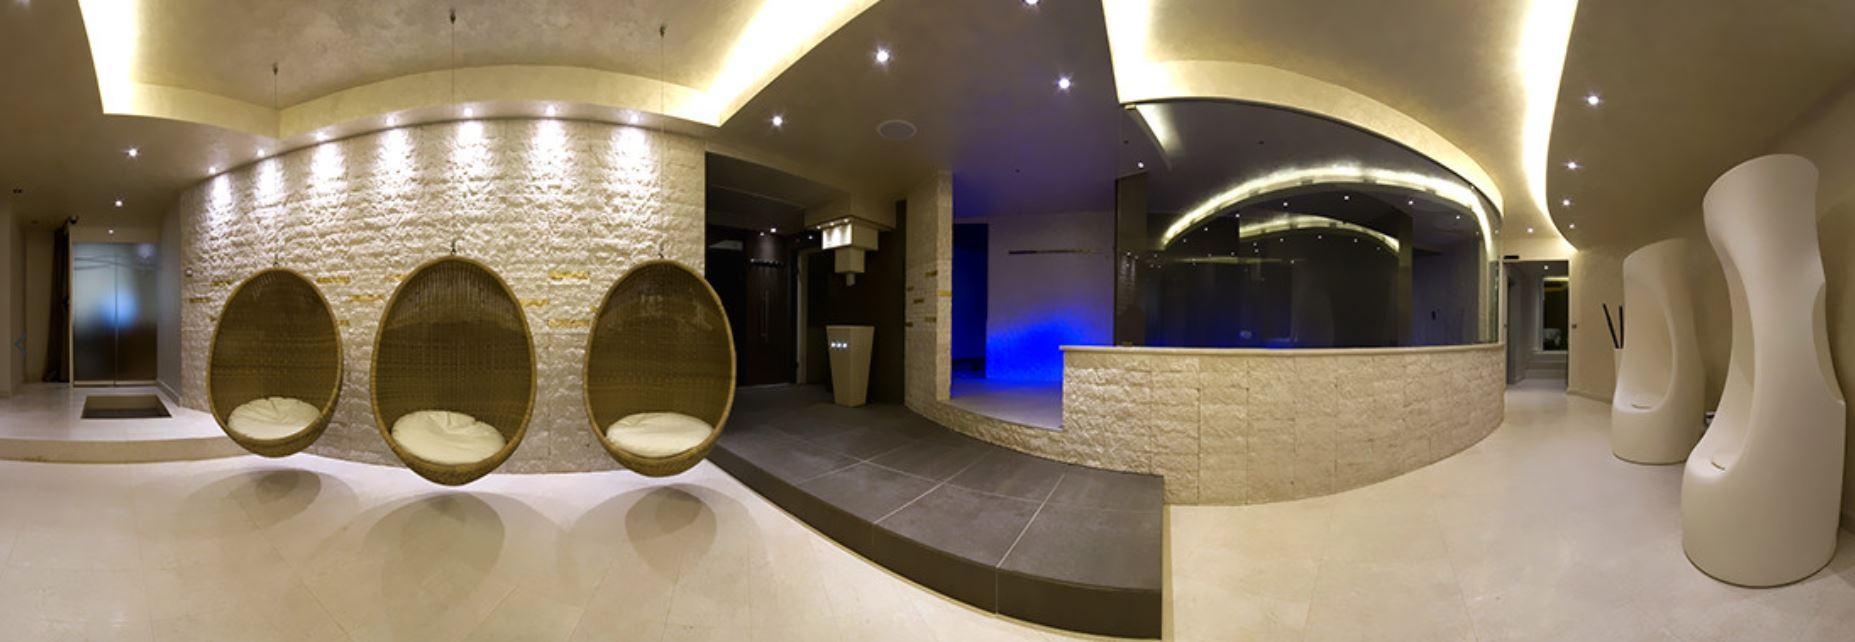 Illuminazione centro termale milano for On off illuminazione milano